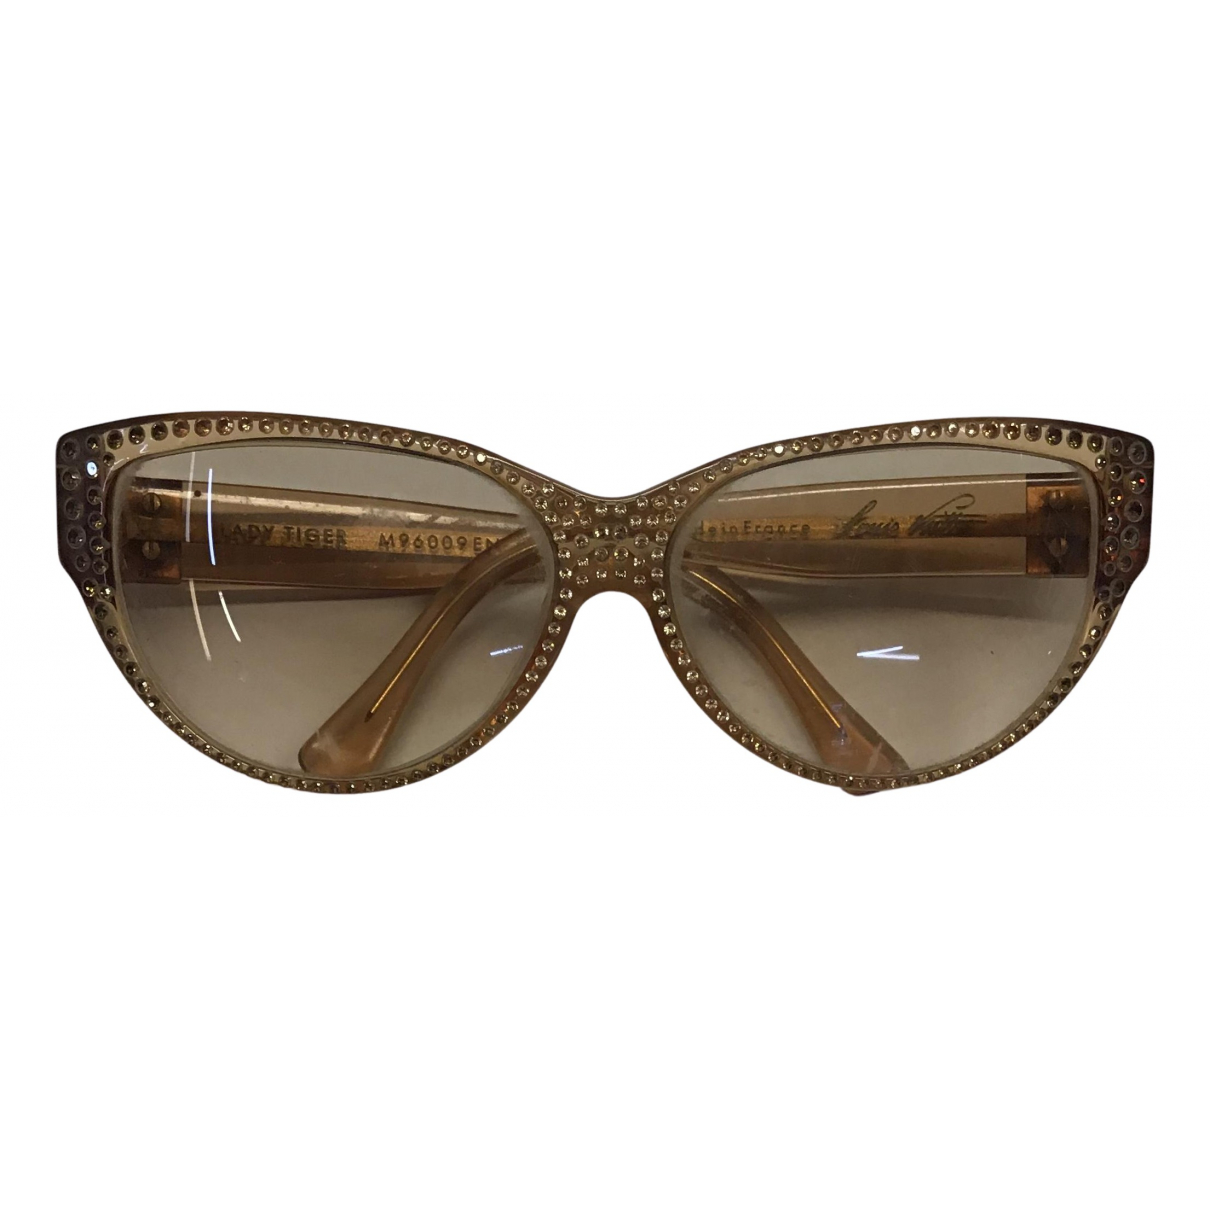 Louis Vuitton - Lunettes   pour femme - marron